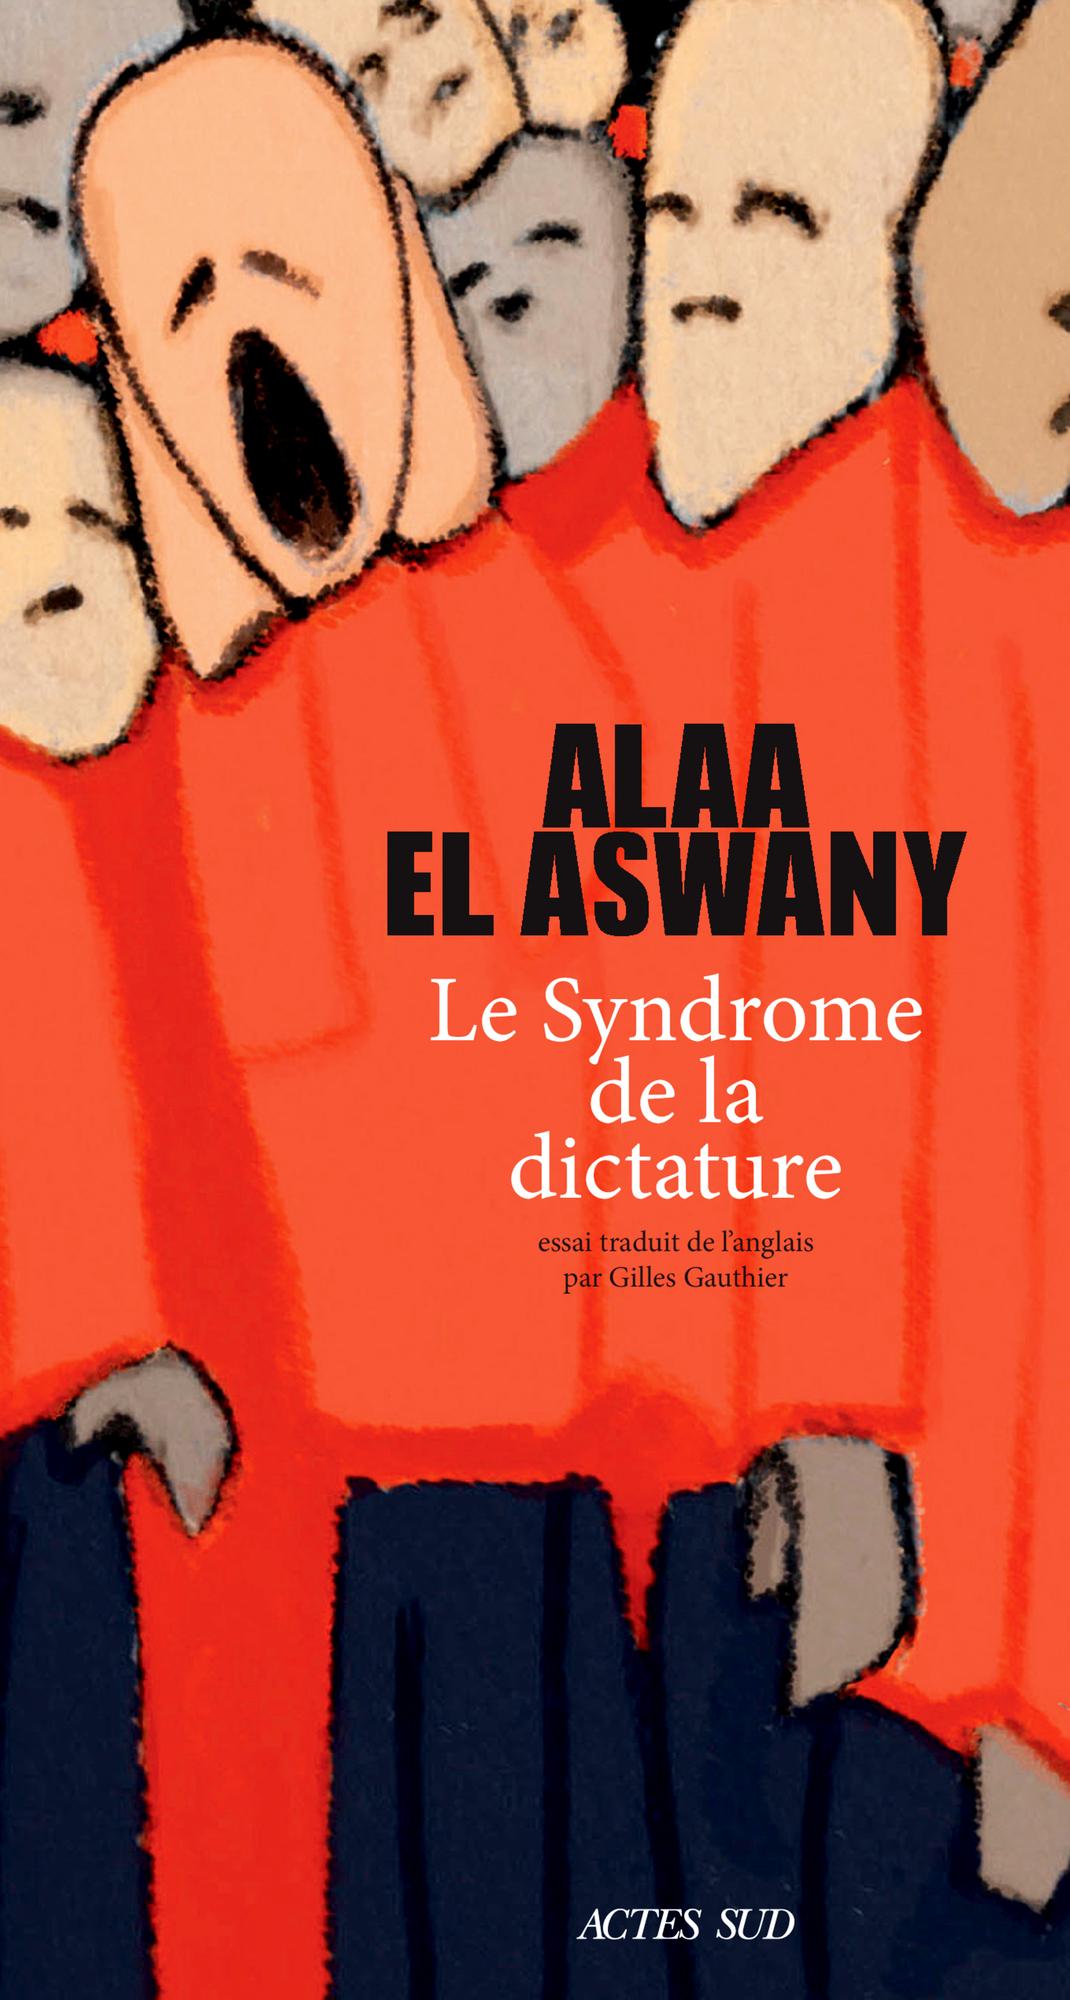 «Le Syndrome de la dictature», d'Alaa El Aswany, a été traduit de l'anglais par Gilles Gauthier. Actes Sud, 210pages, 19,80euros.